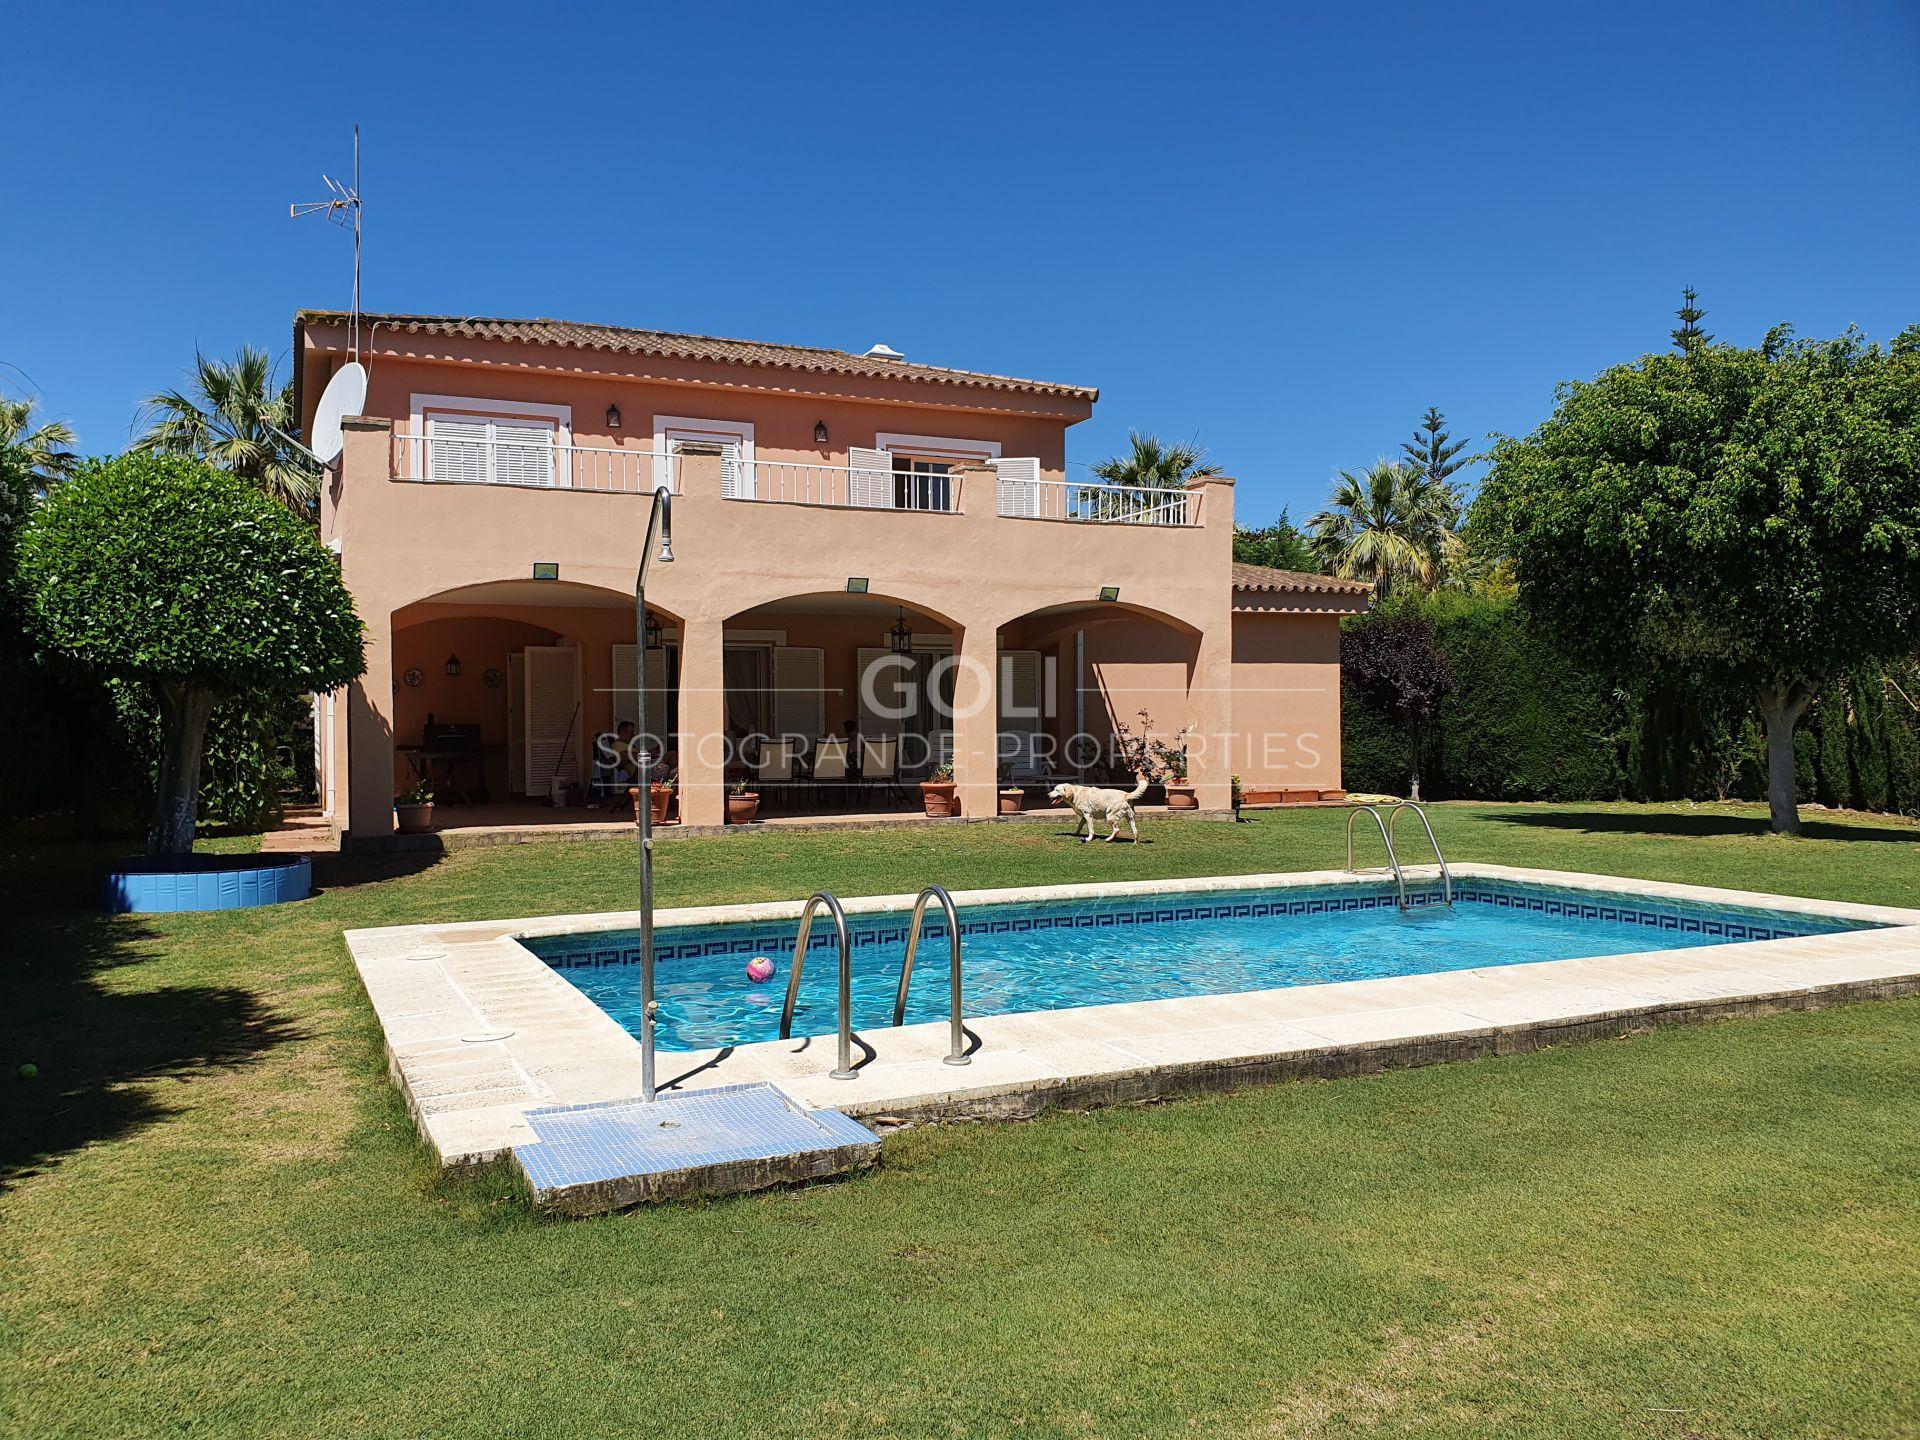 Villa acogedora con jardín y piscina